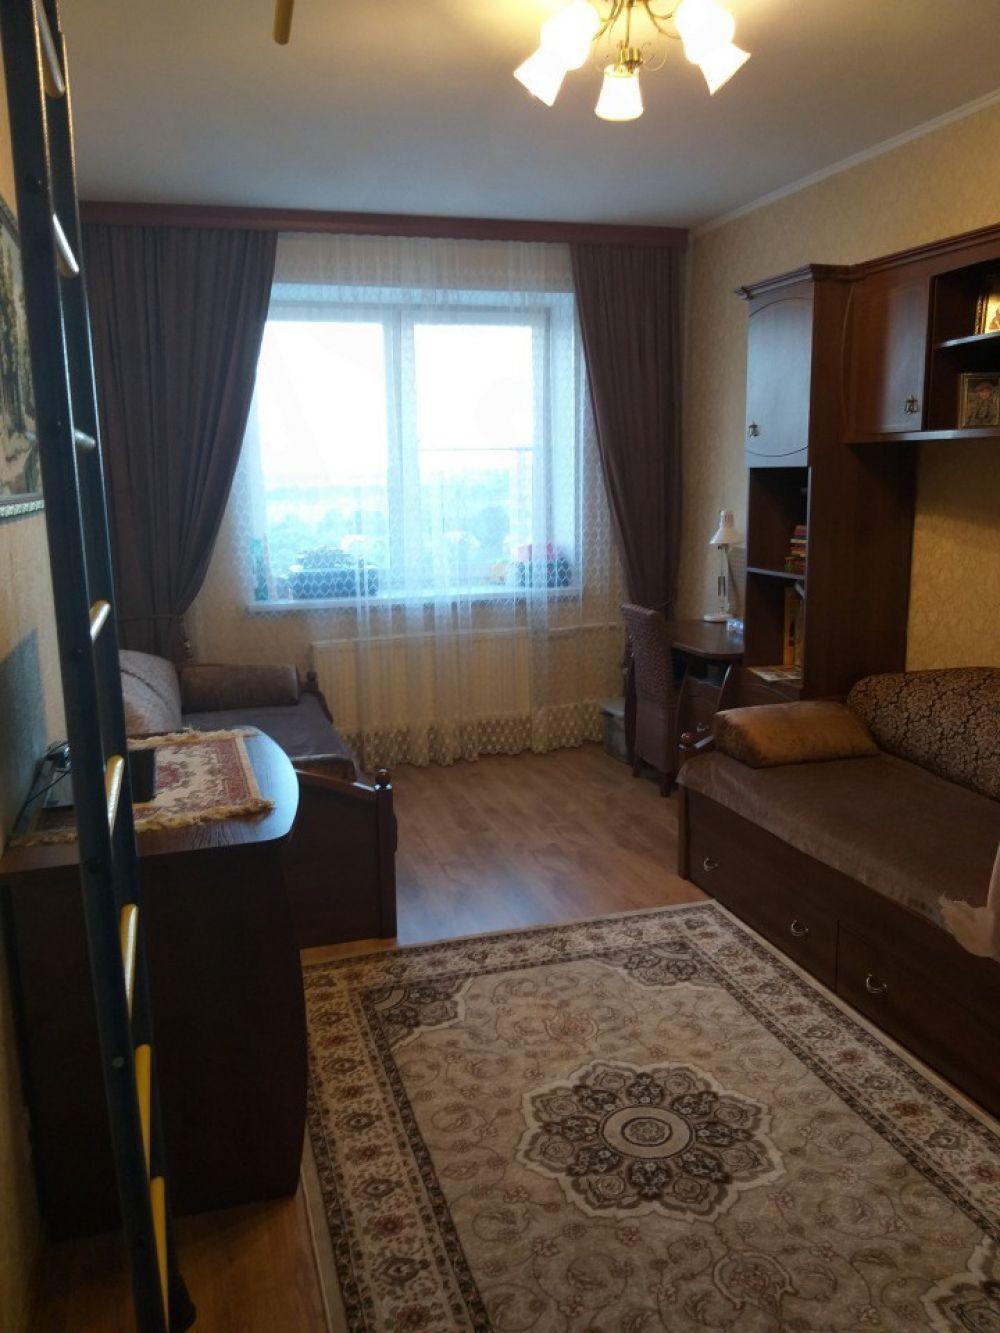 2-к квартира, Щёлково, Центральная улица, 17, фото 4